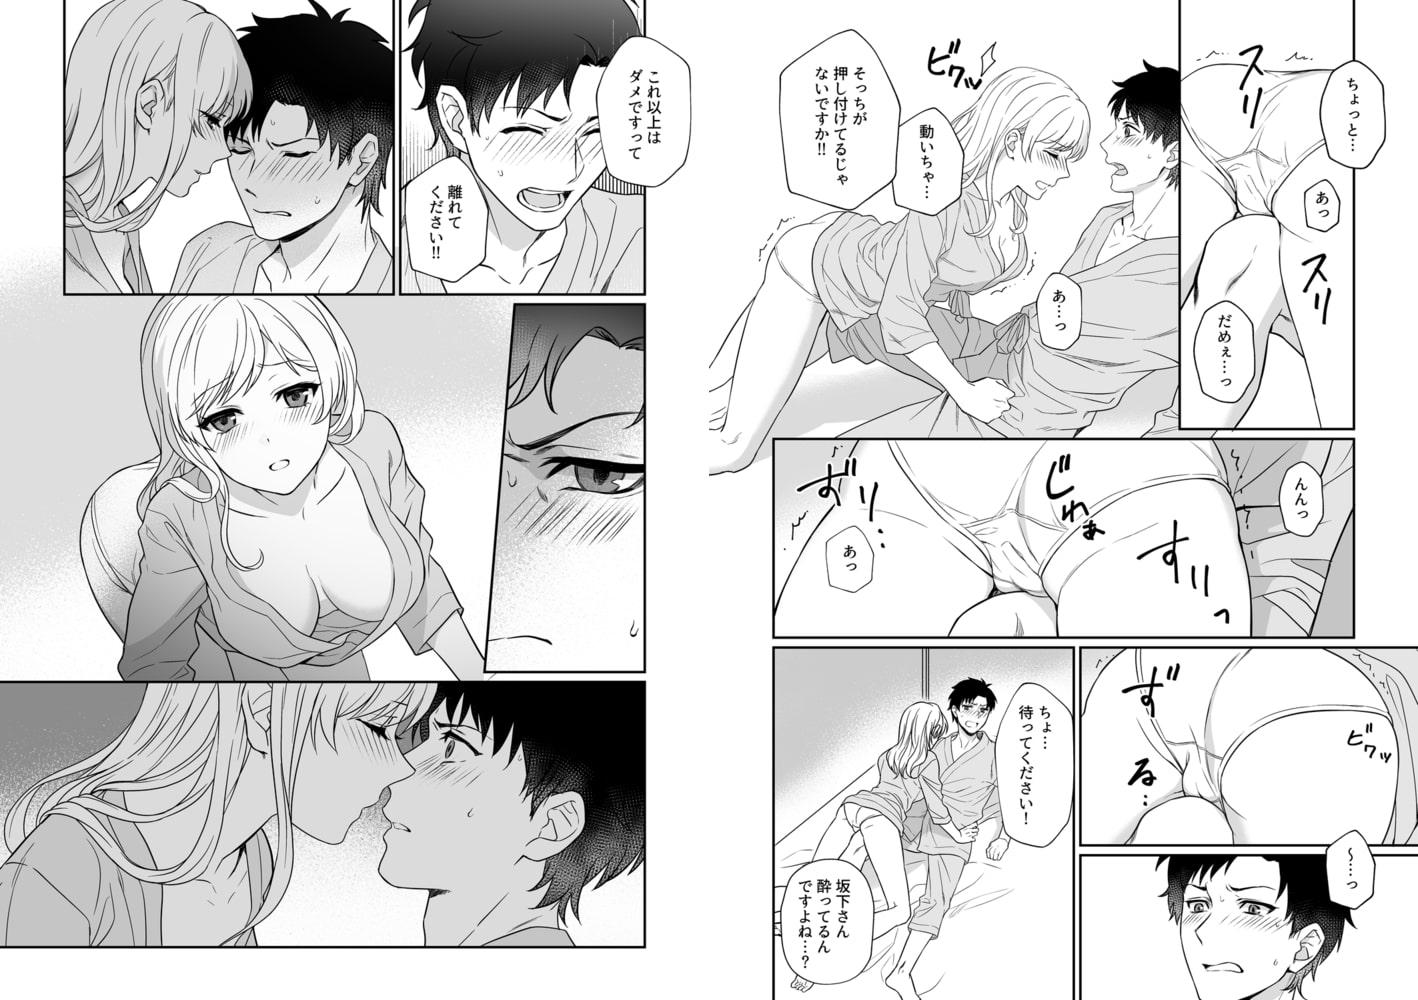 こんなお姉さんとエッチしたい!【侍侍コレクション】 1巻